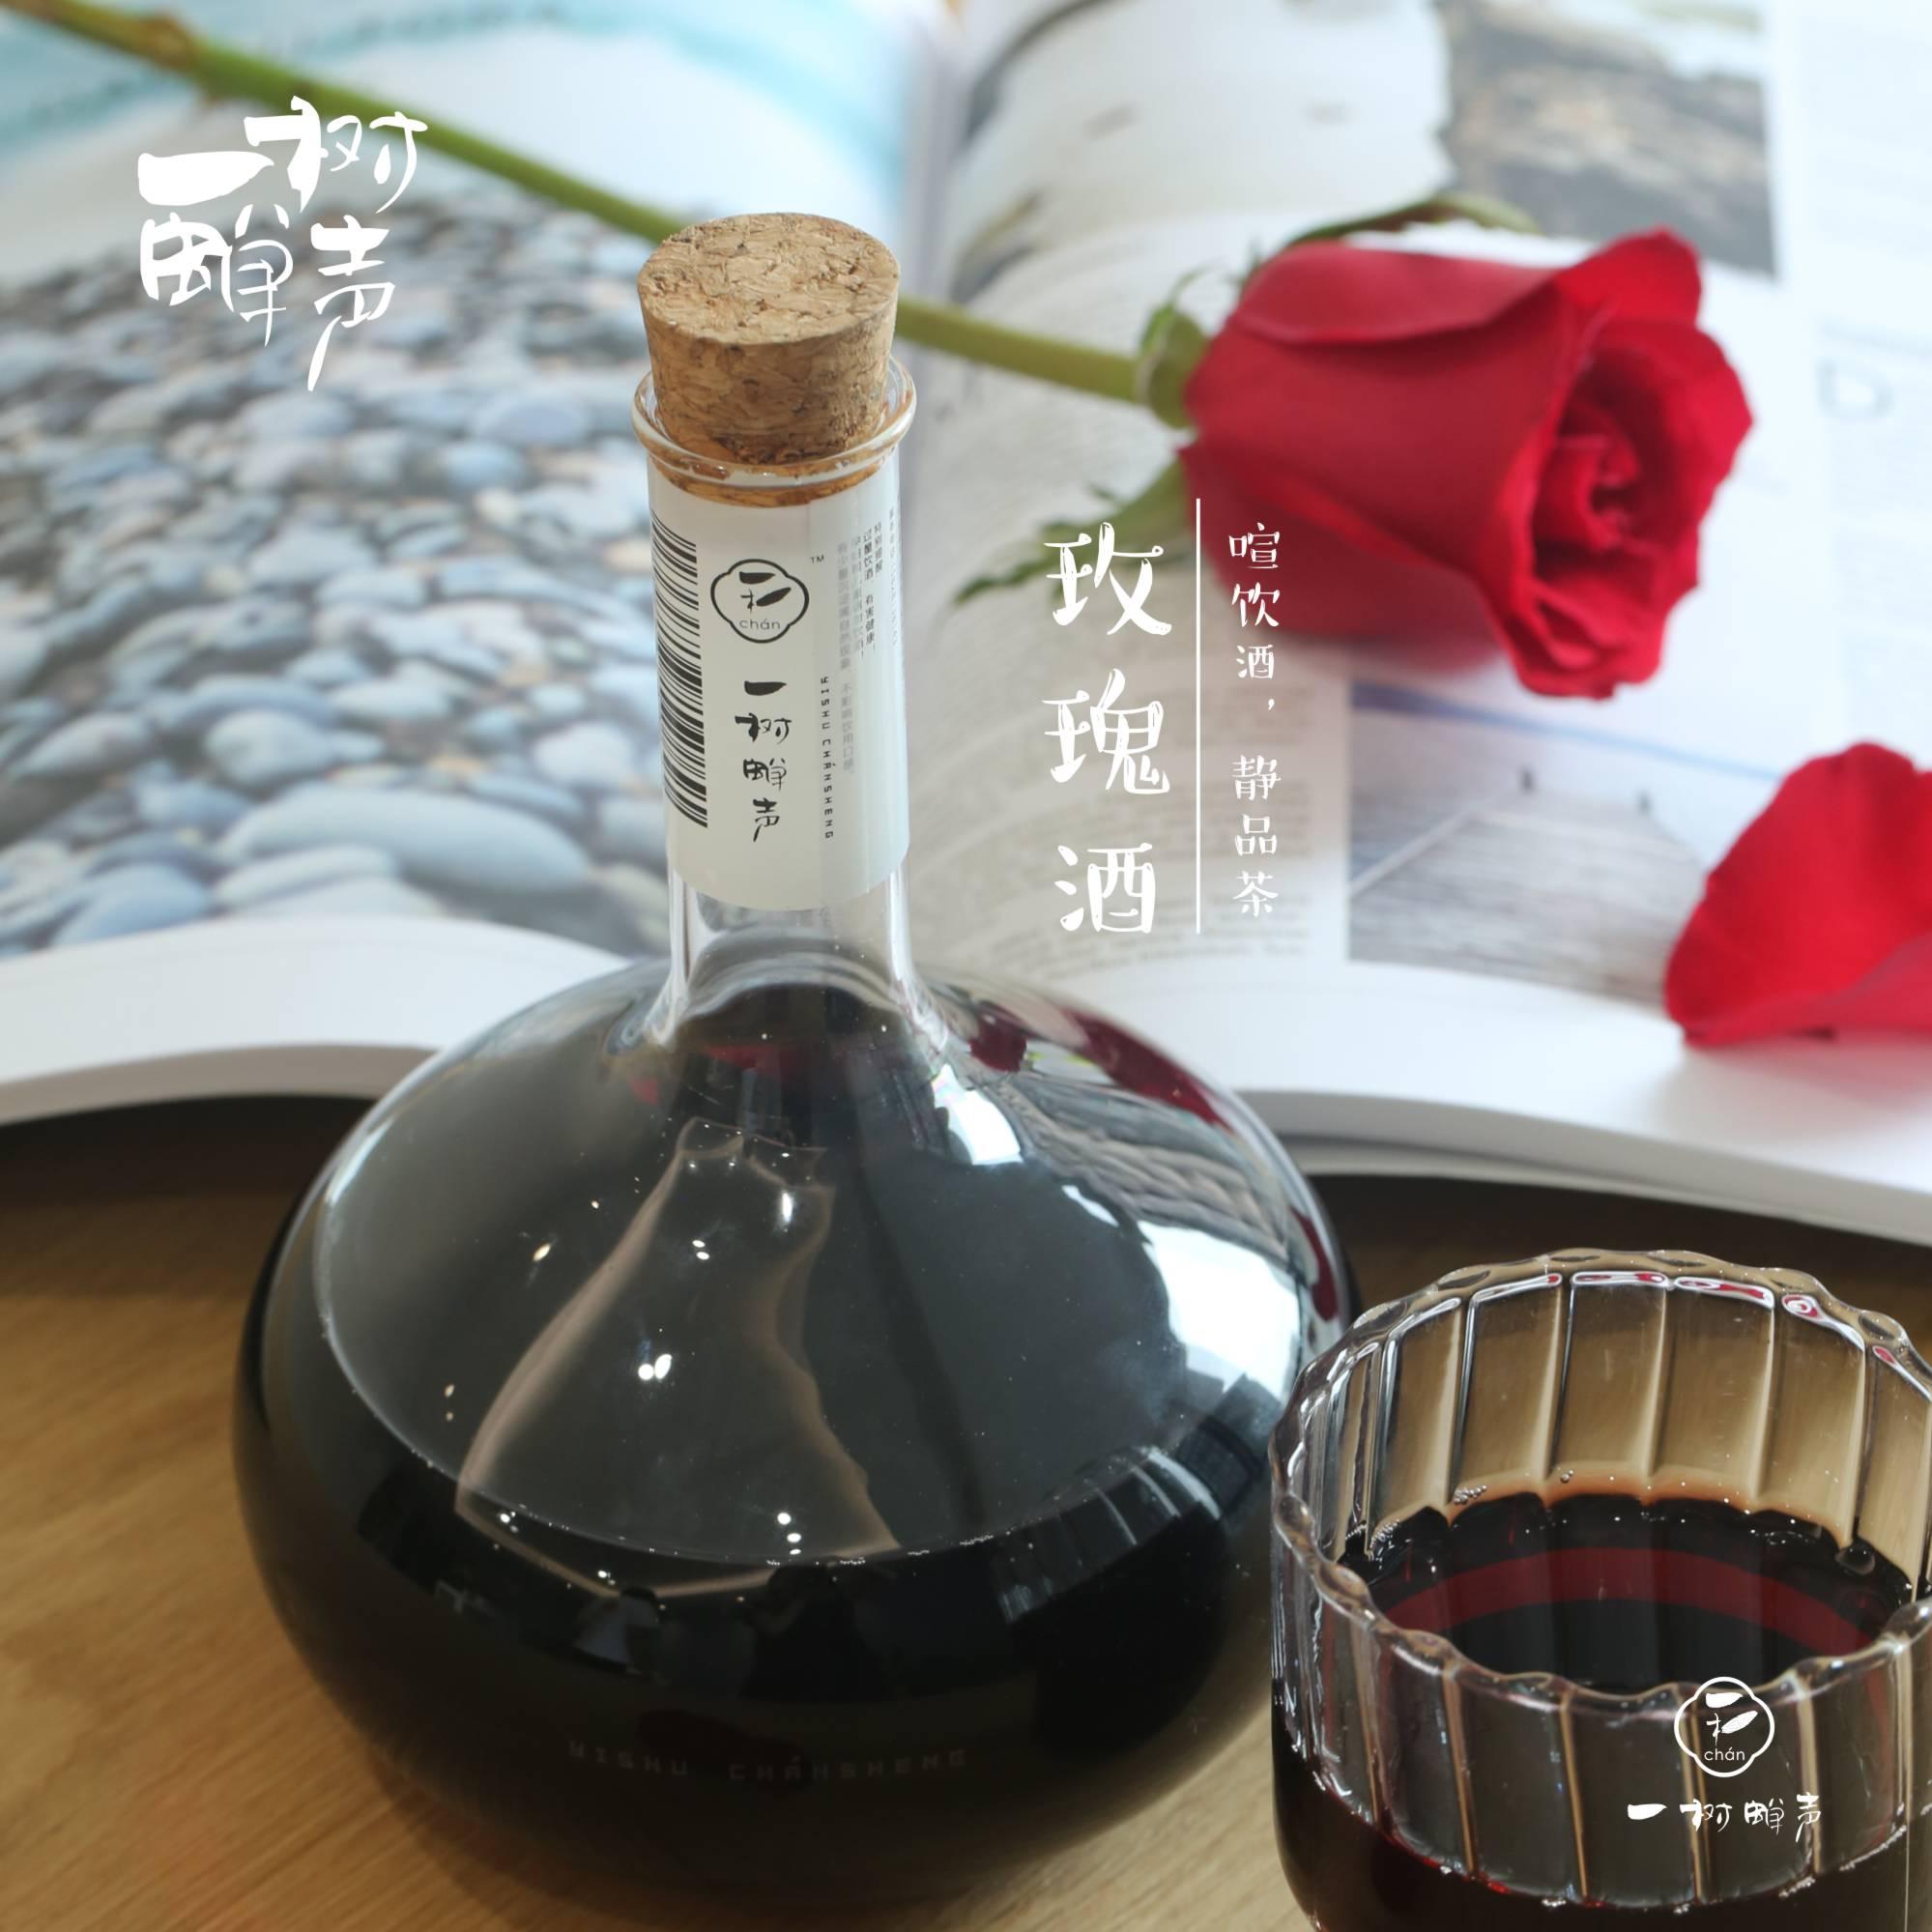 玫瑰酒表白花果酒甜酒女士低度酒水果酒礼品礼盒装 一树蝉声